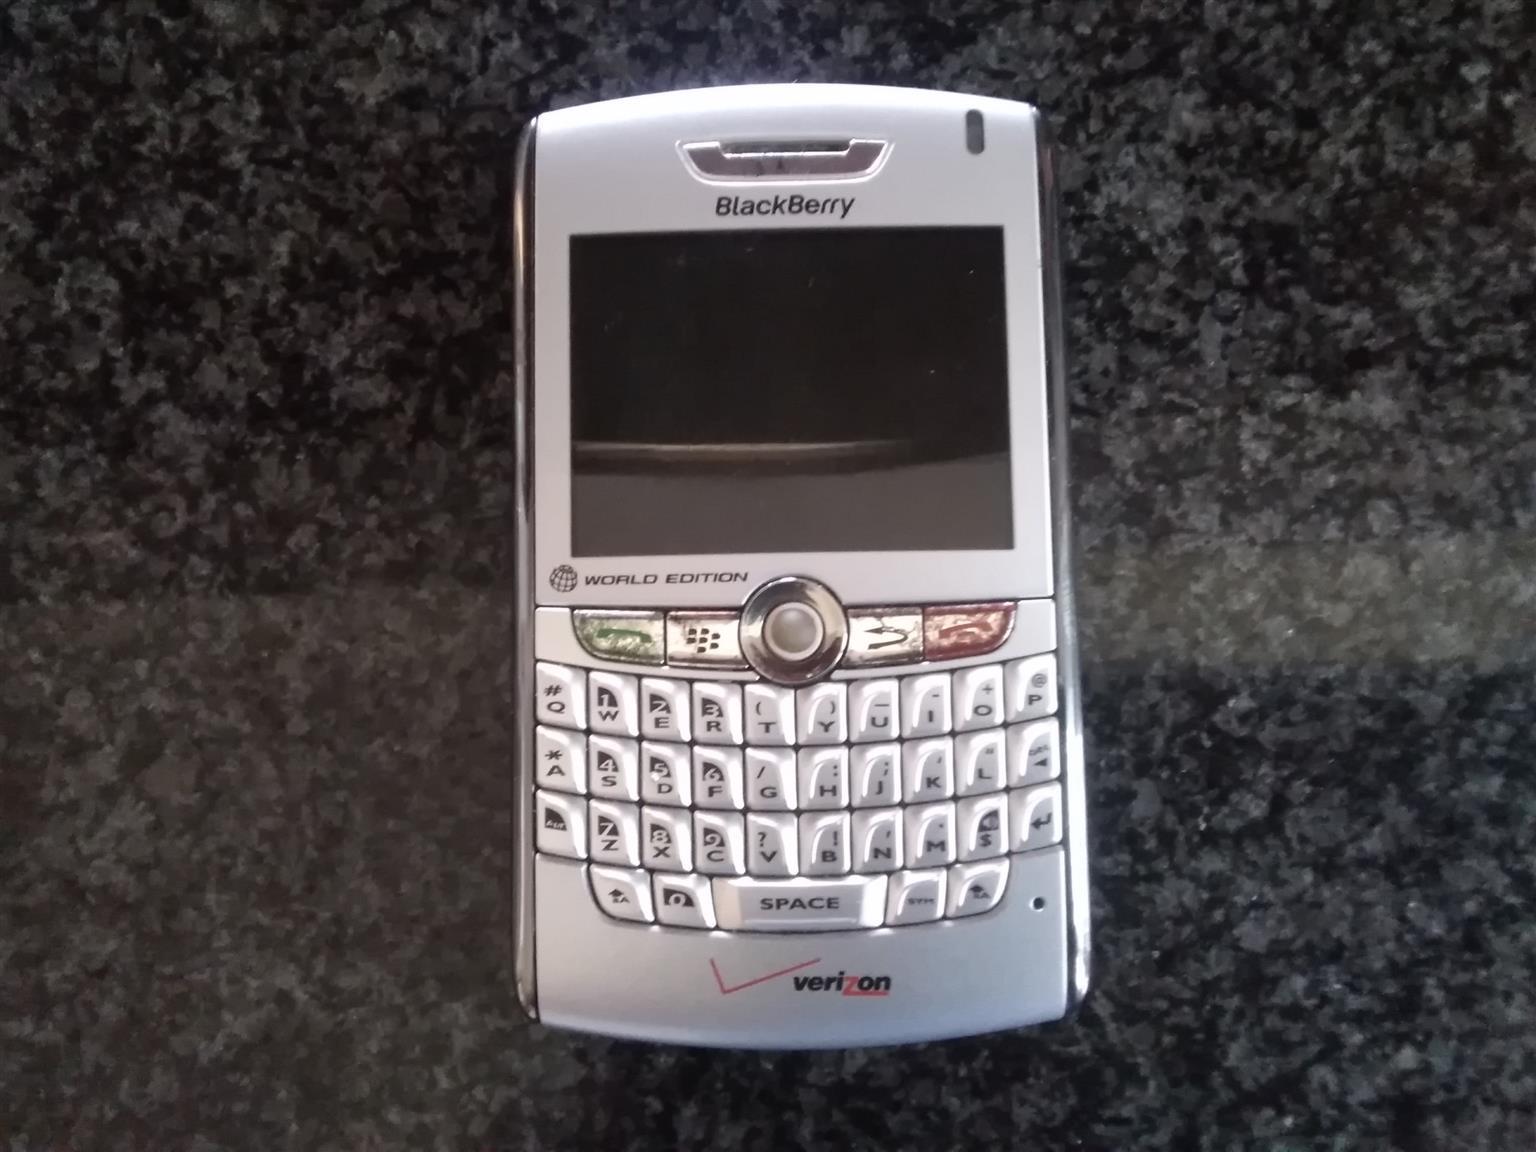 Blackberry model 8830